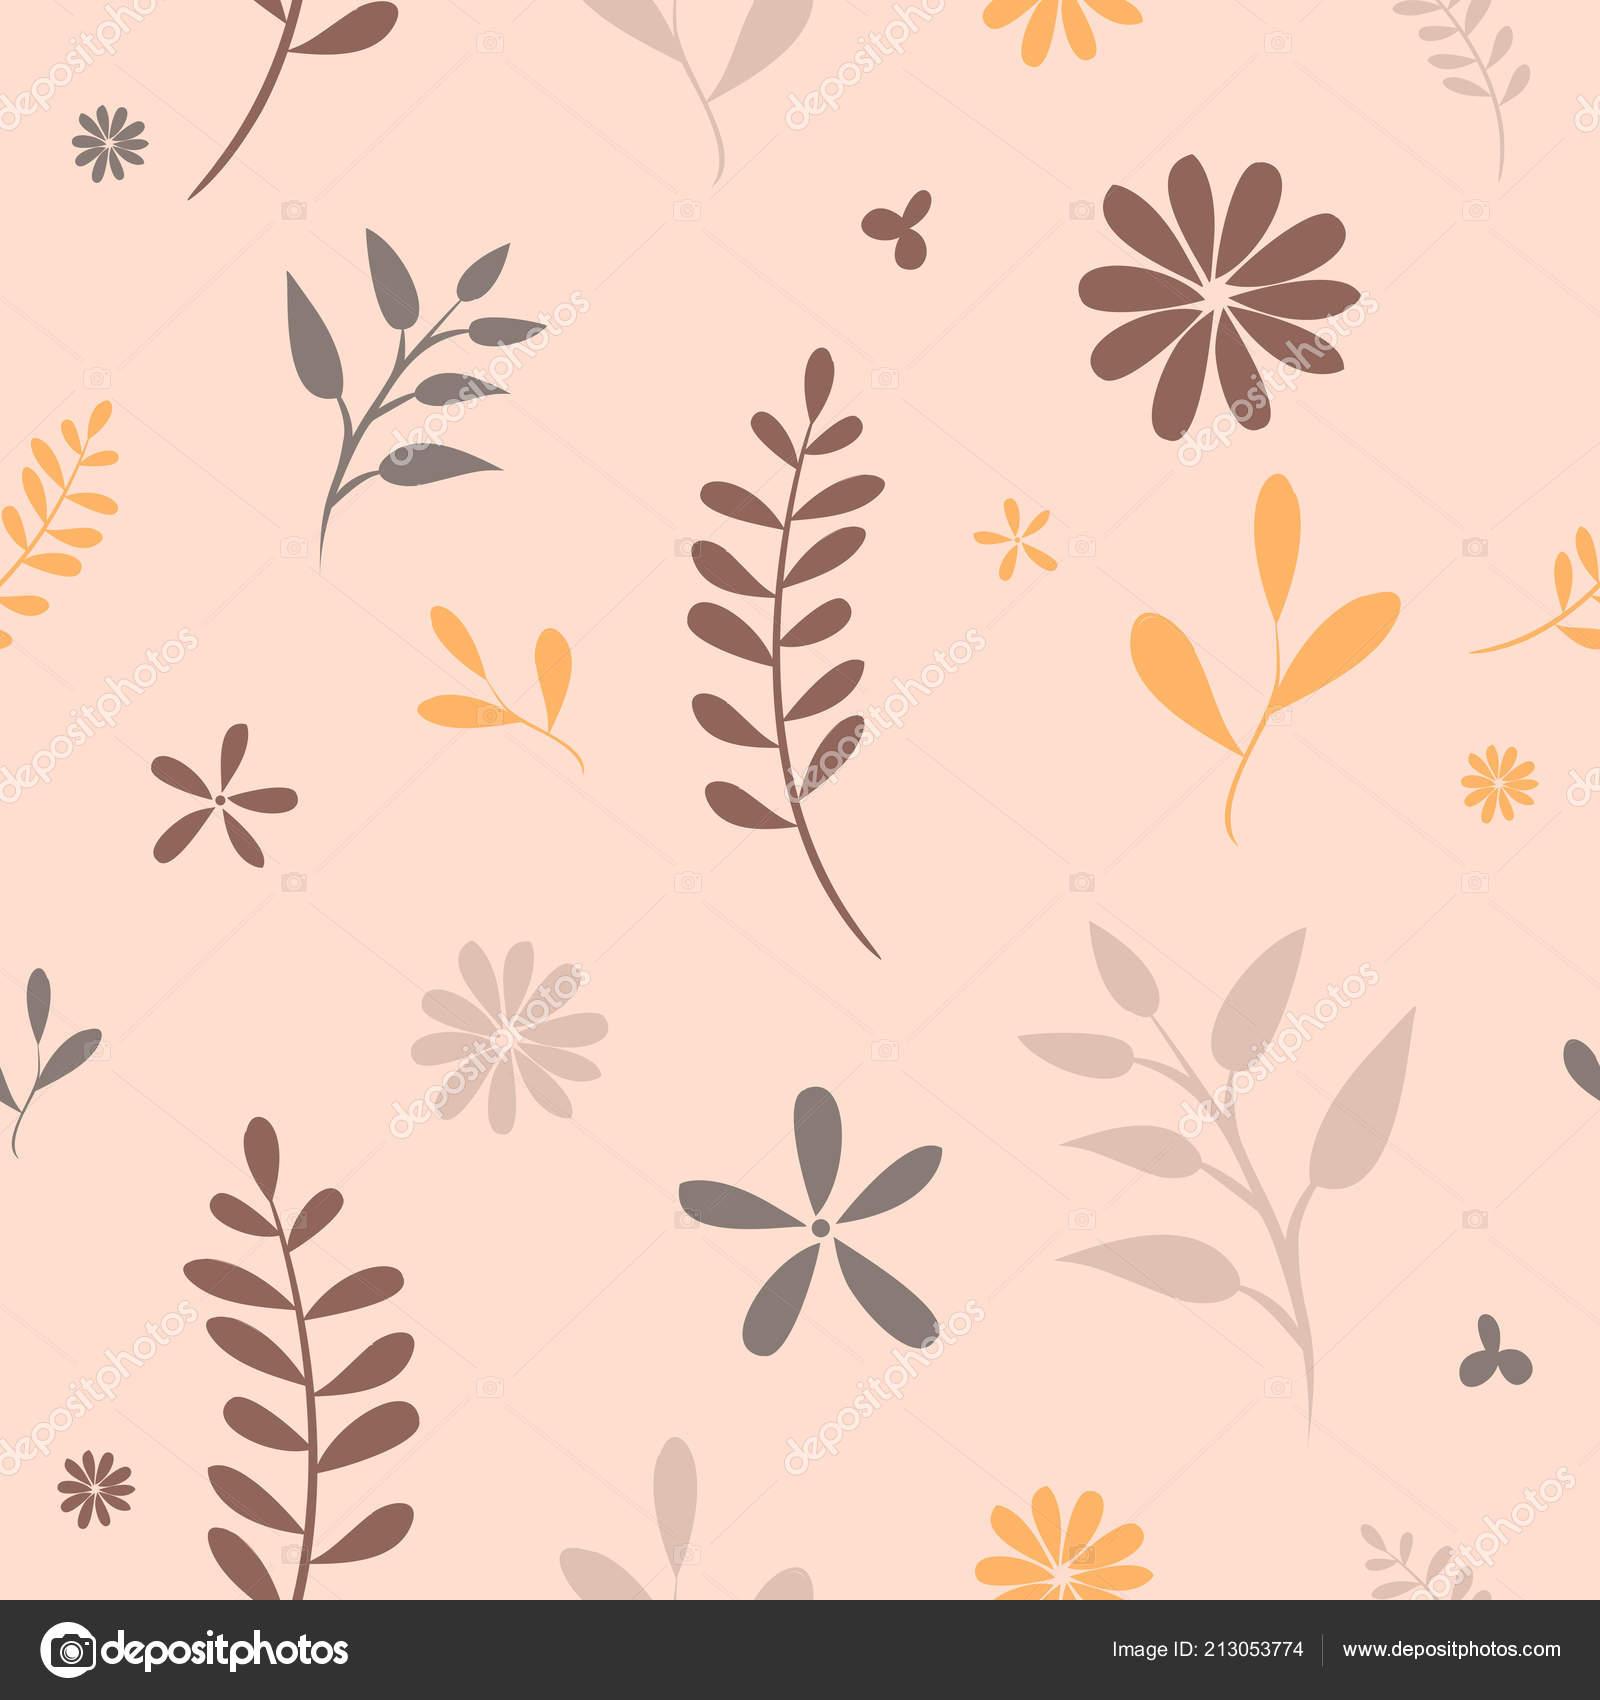 Blumen Ornamente Herbst Blatter Hand Zeichnen Musterdesign Retro